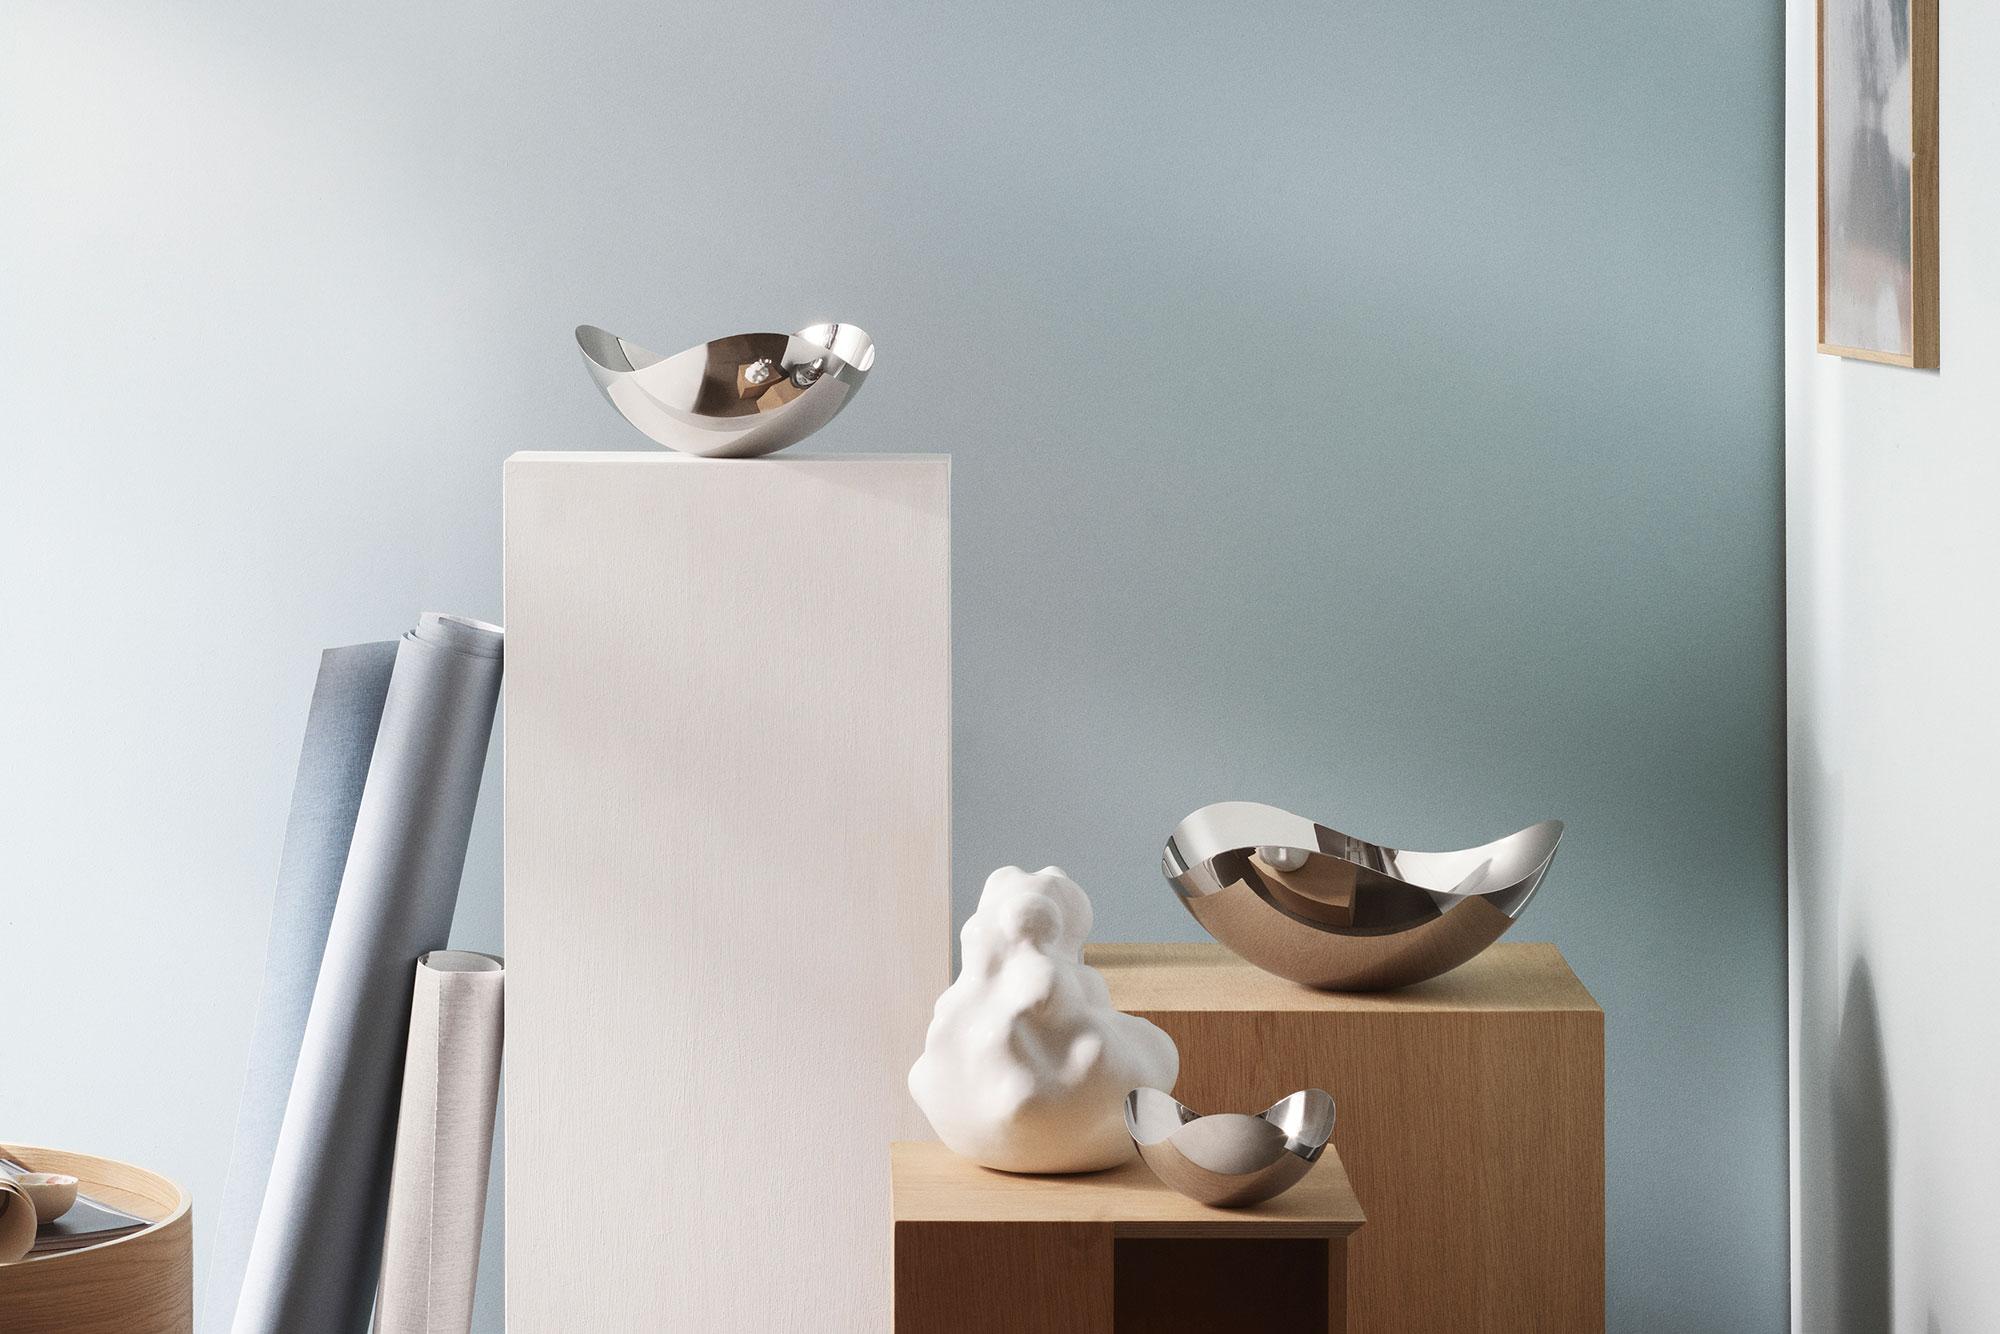 Ultramoderne Köp Bloom Skål från Georg Jensen | Nordiska Galleriet XT-46